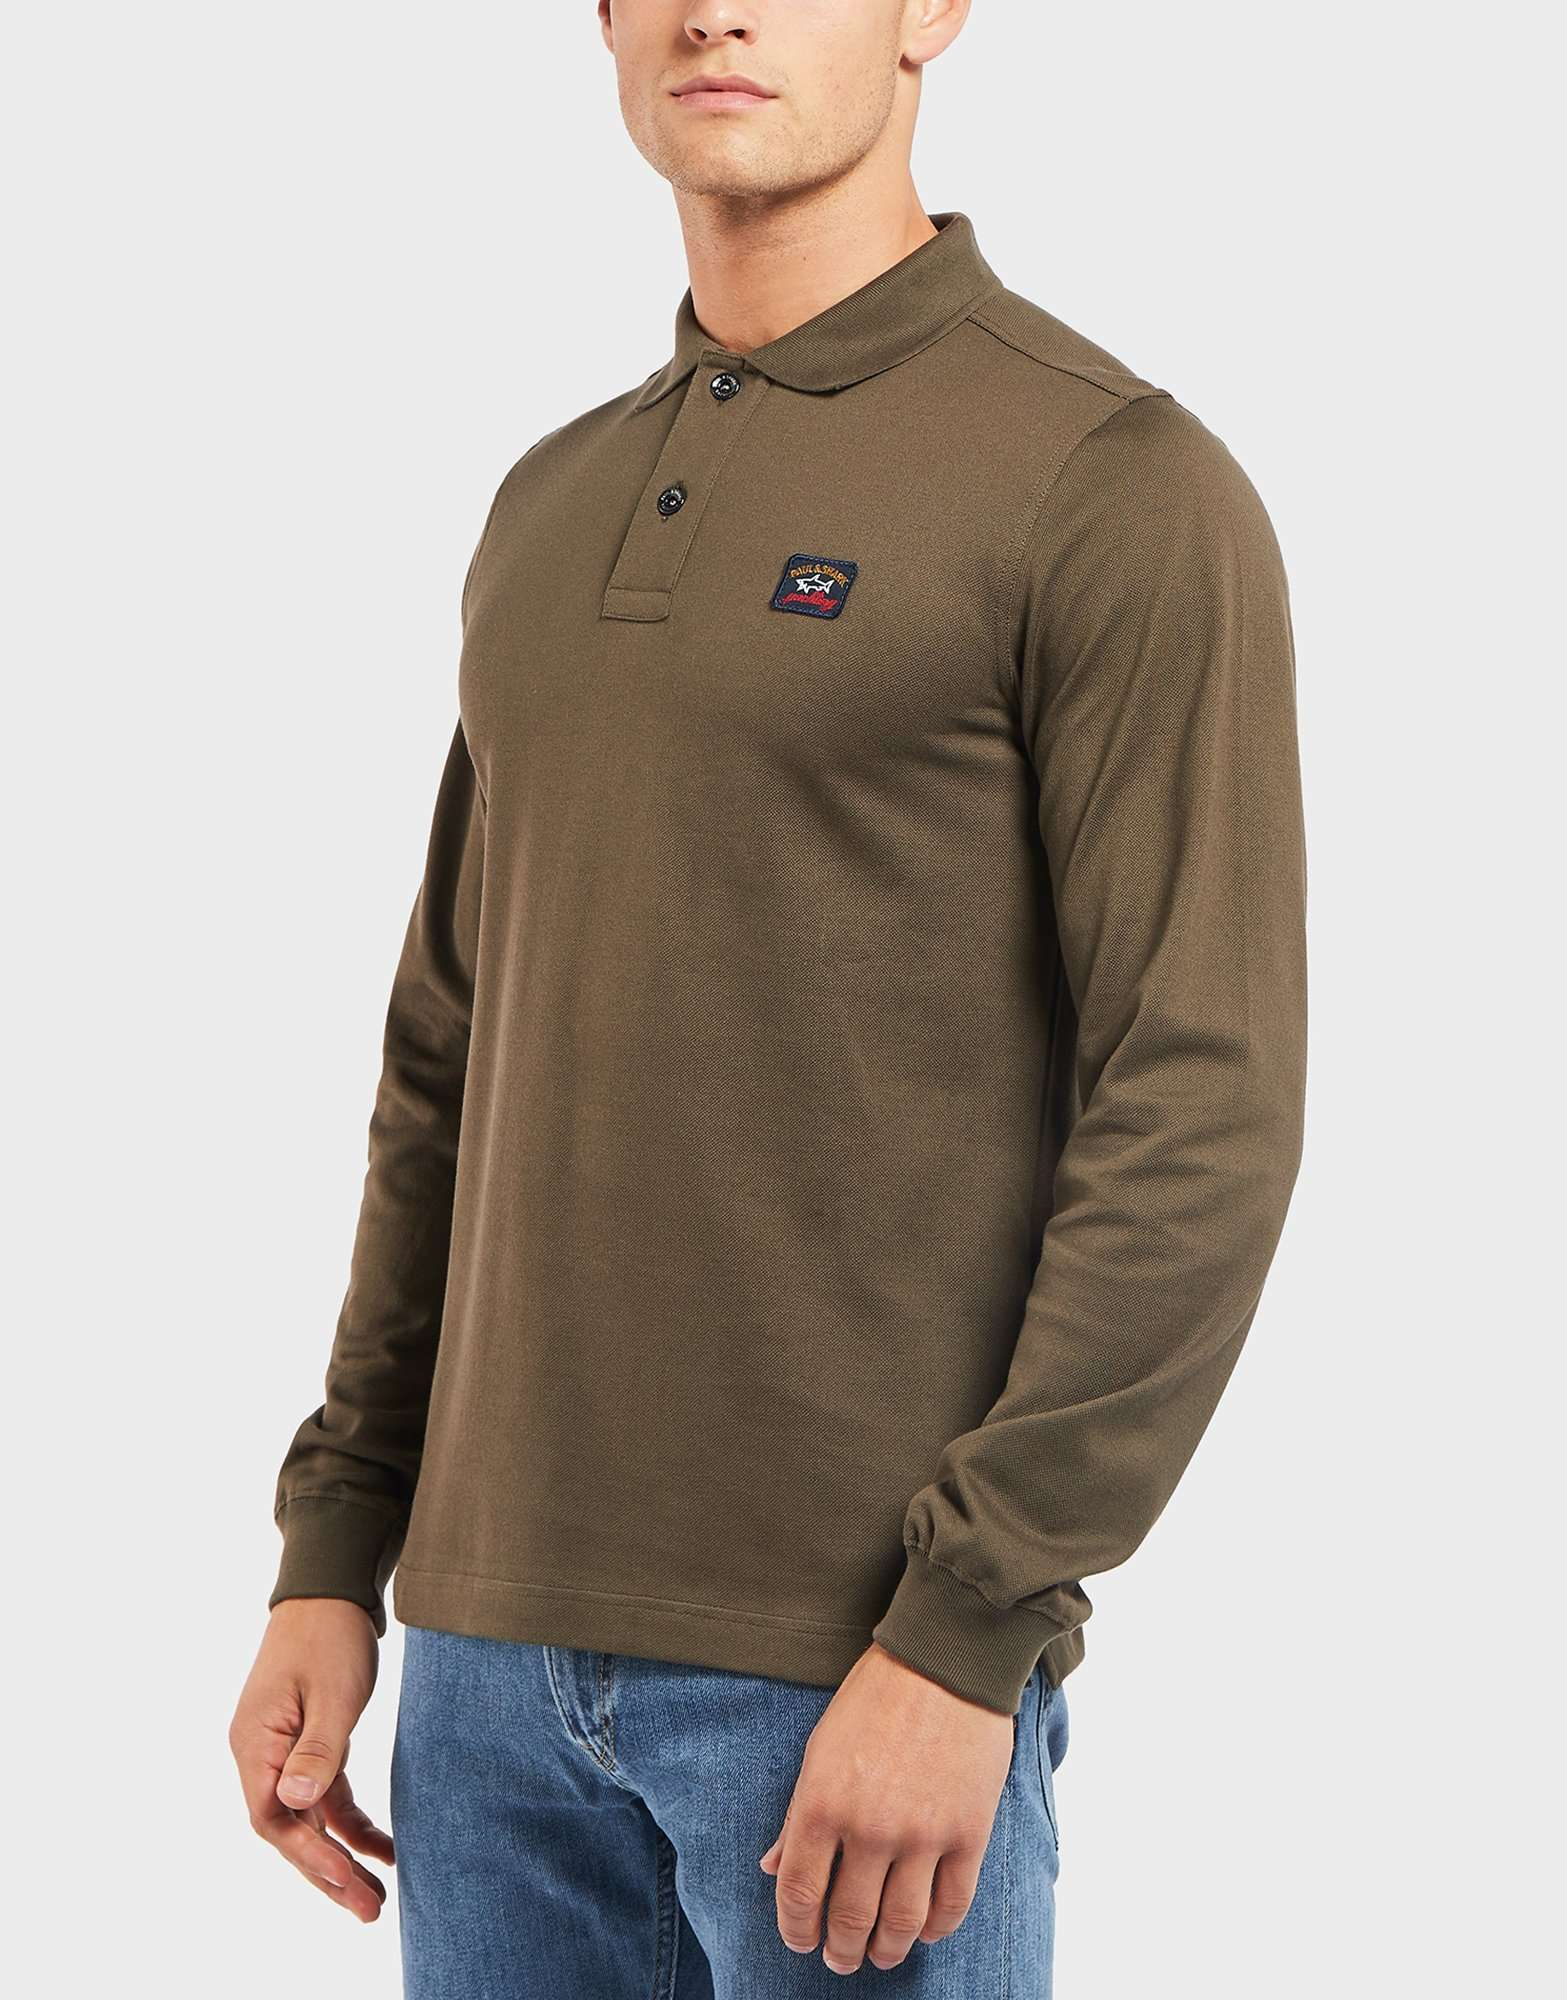 Paul and Shark Pique Long Sleeve Polo Shirt